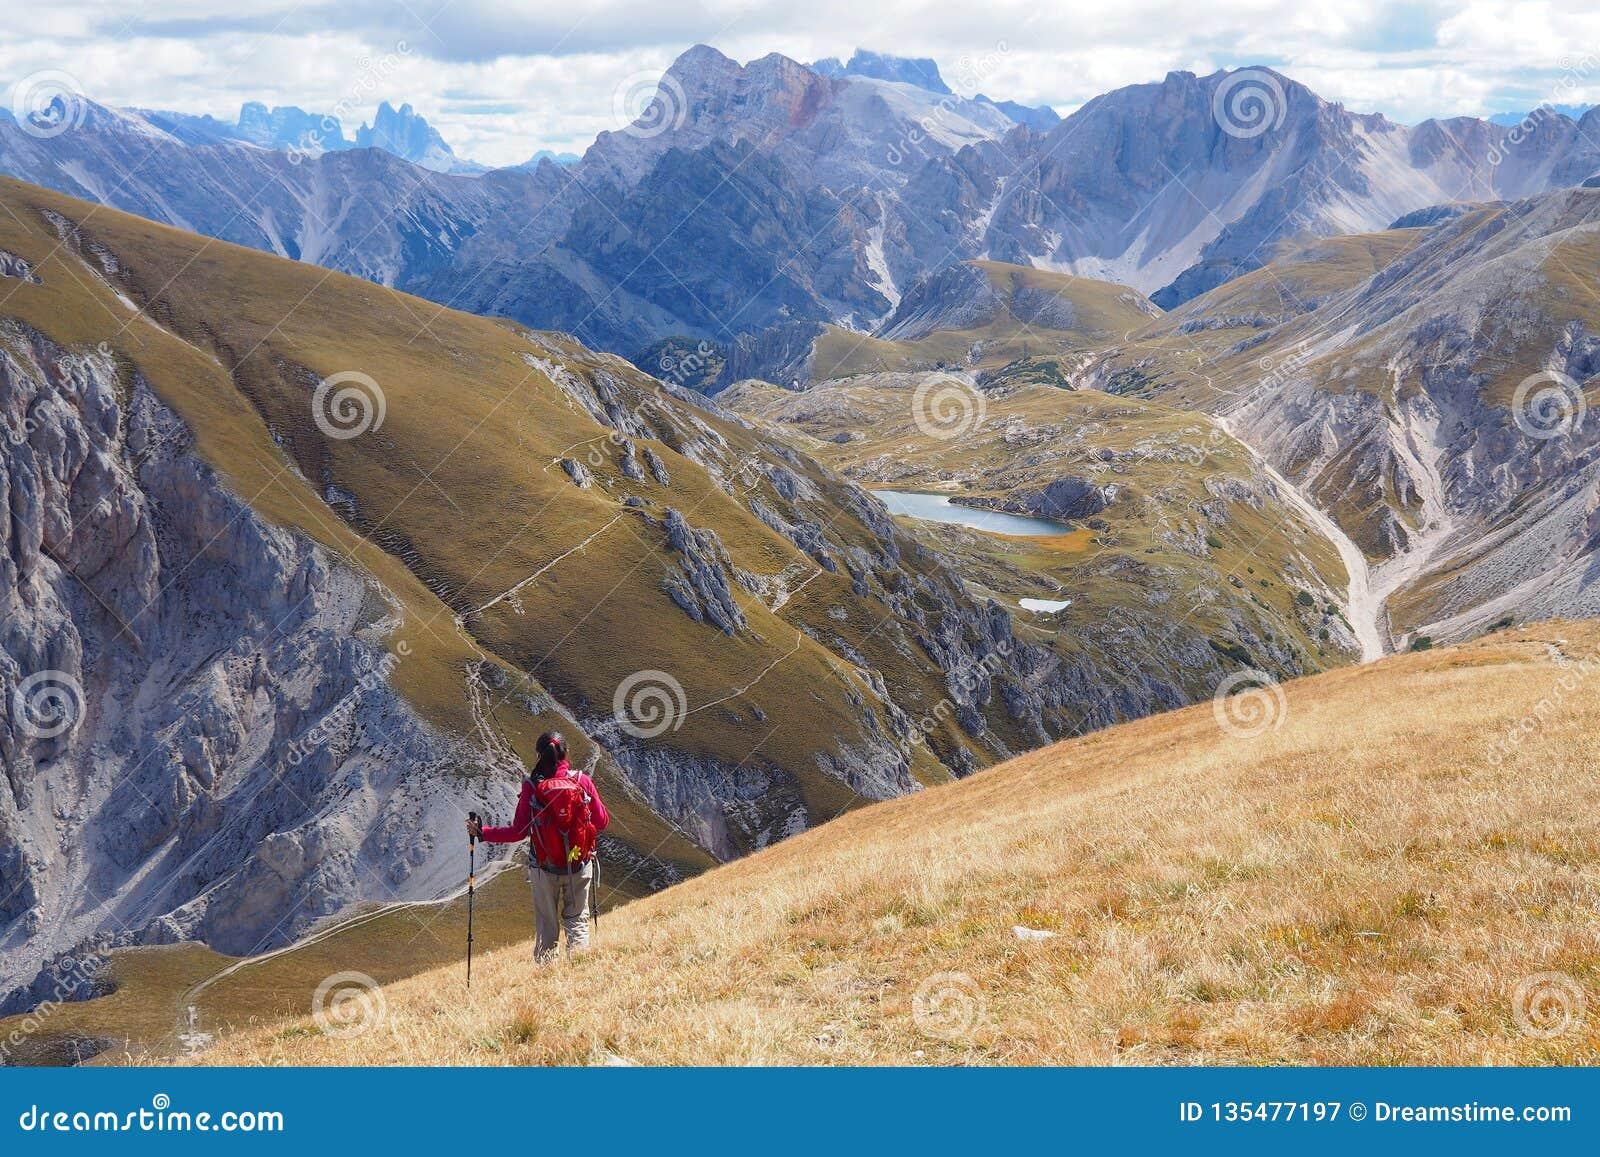 Junge Frau, die in der breiten Berglandschaft wandert